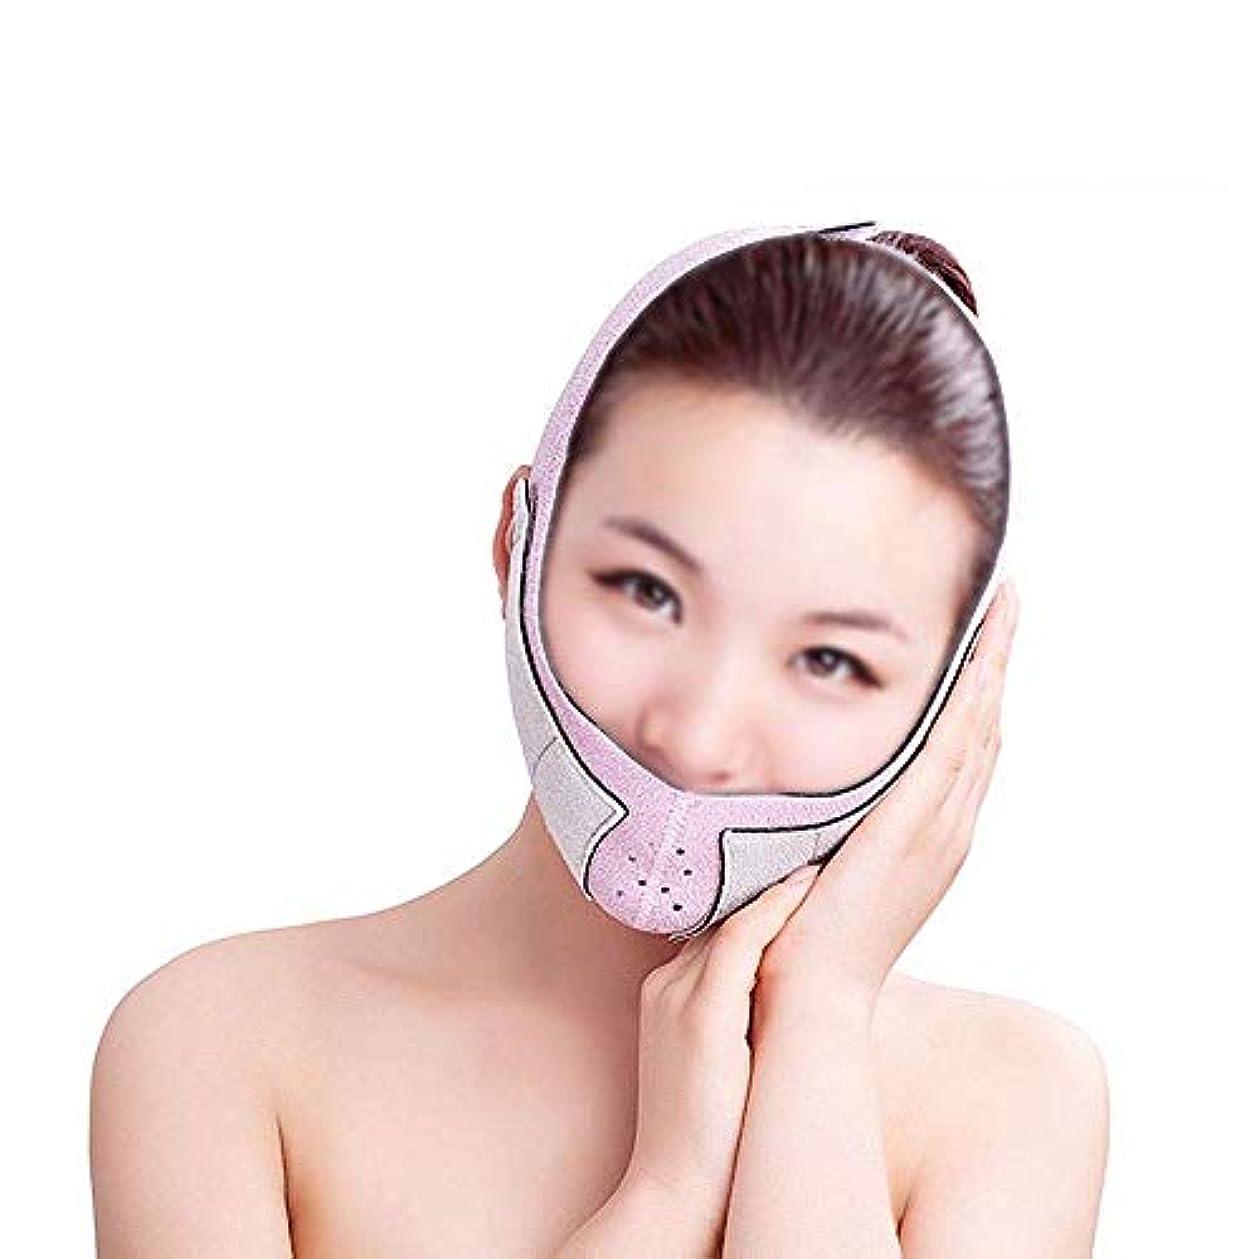 ライオン笑溶接フェイスリフトマスク、スリミングベルト薄いフェイスマスク強力なリフティング小さなV顔薄い顔包帯美容顔リフティングデバイス